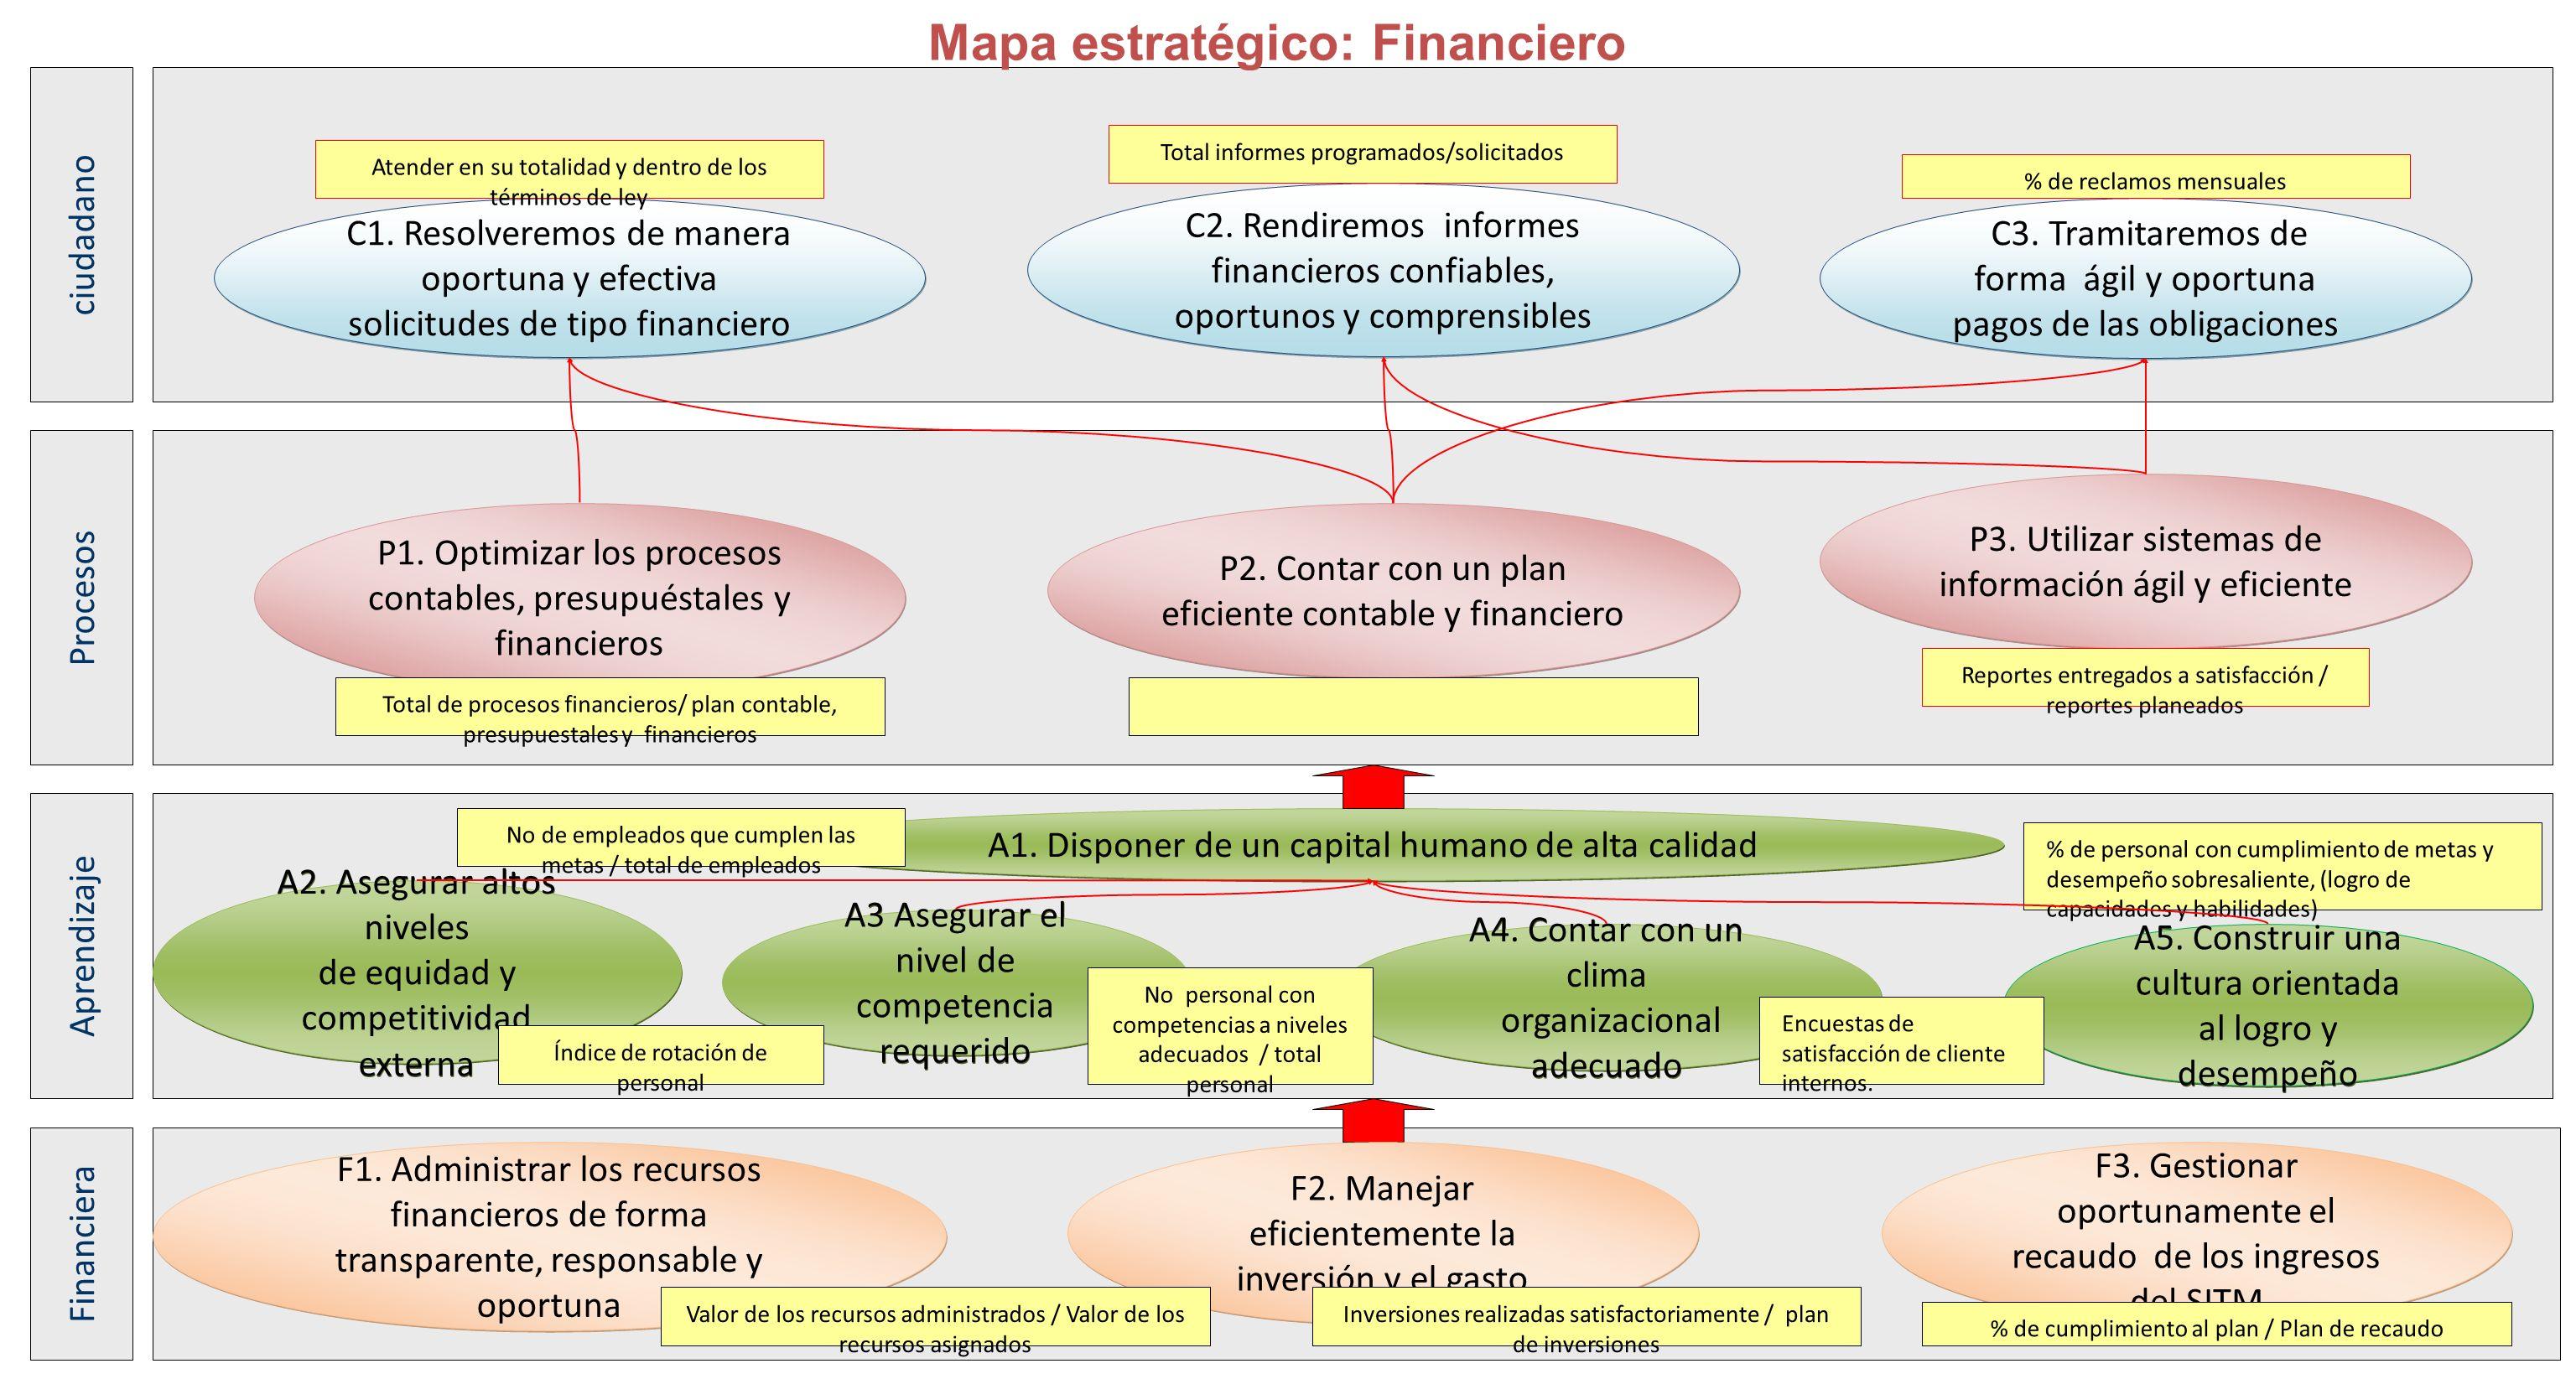 Mapa estratégico: Financiero P3. Utilizar sistemas de información ágil y eficiente A2. Asegurar altos niveles de equidad y competitividad externa A2.